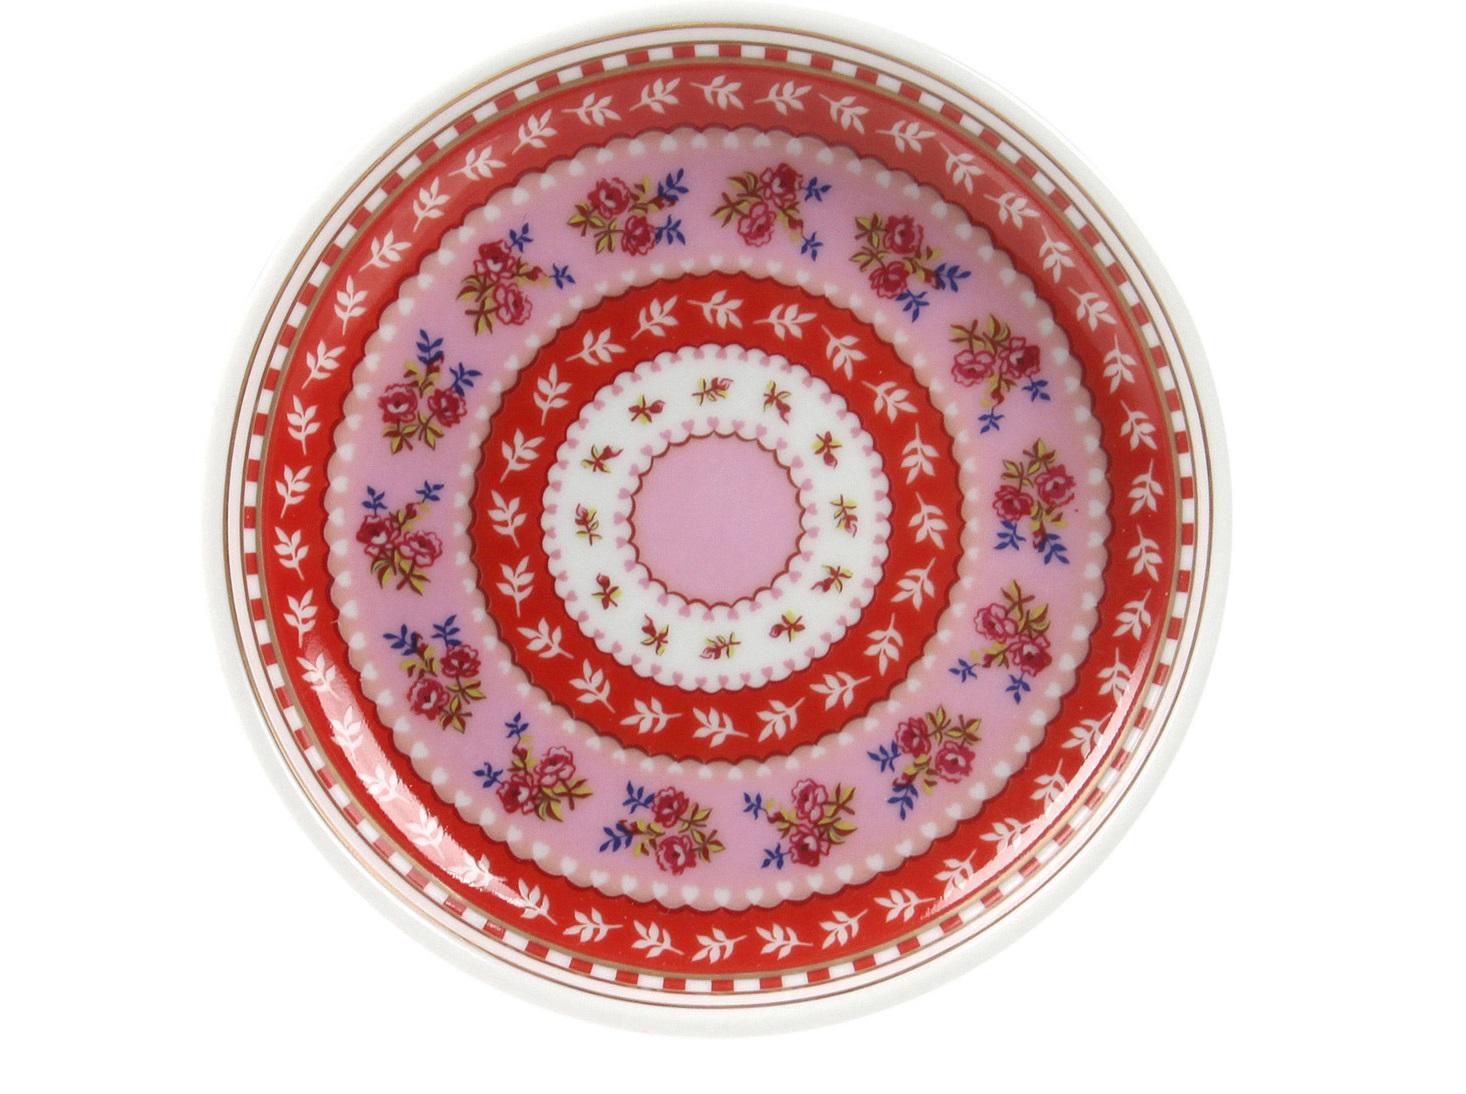 Набор маленьких блюдец Floral (2шт)Чайные пары, чашки и кружки<br>Коллекция посуды Floral появилась в 2008 г. и состоит из нескольких дизайнов, которые прекрасно сочетаются между собой и отлично дополняют друг друга. Особенность коллекции - в декорировании цветами, птицами и позолотой на всех предметах. Коллекция состоит из трёх цветовых групп - розовой, хаки и голубой, которые можно бесконечно комбинировать между собой. Коллекция также включает в себя кухонный текстиль и стекло.&amp;lt;div&amp;gt;&amp;lt;br&amp;gt;&amp;lt;/div&amp;gt;&amp;lt;div&amp;gt;&amp;lt;span style=&amp;quot;font-size: 14px;&amp;quot;&amp;gt;Не использовать в микроволновой печи. Не рекомендуется мыть в посудомоечной машине.&amp;amp;nbsp;&amp;lt;/span&amp;gt;&amp;lt;br&amp;gt;&amp;lt;/div&amp;gt;<br><br>Material: Фарфор<br>Высота см: 1